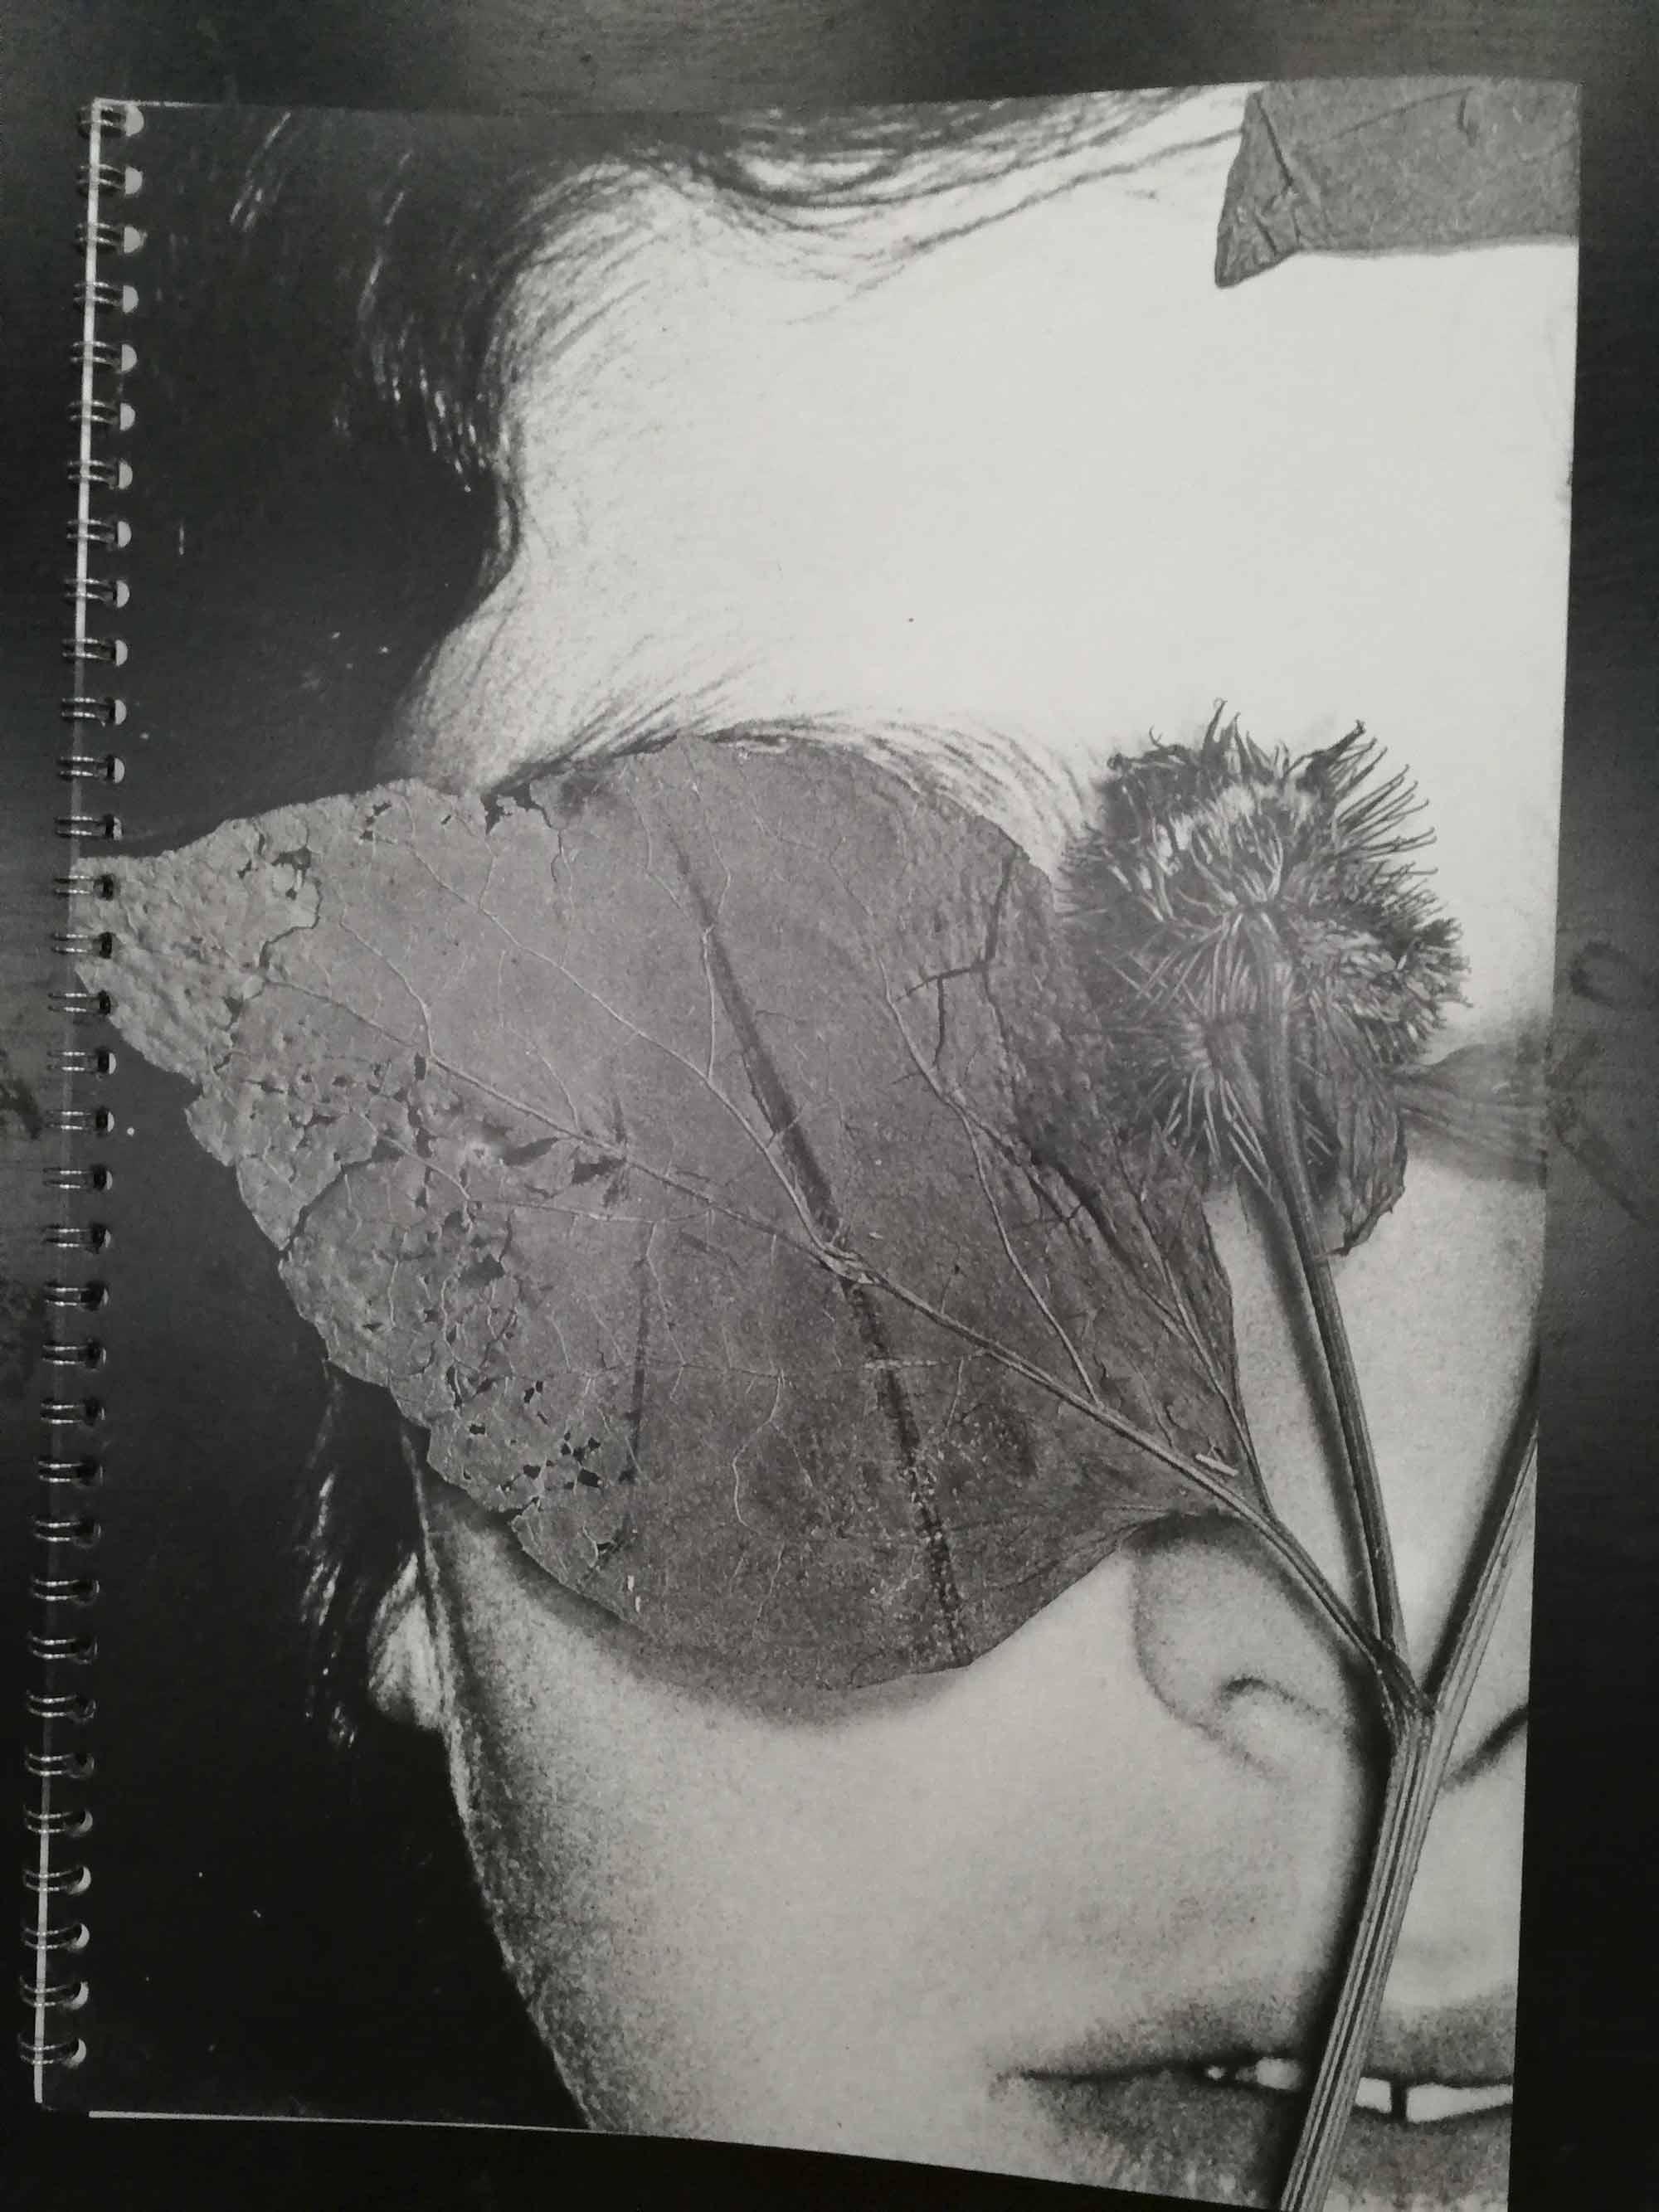 flora-mccallica-wire-ed-05